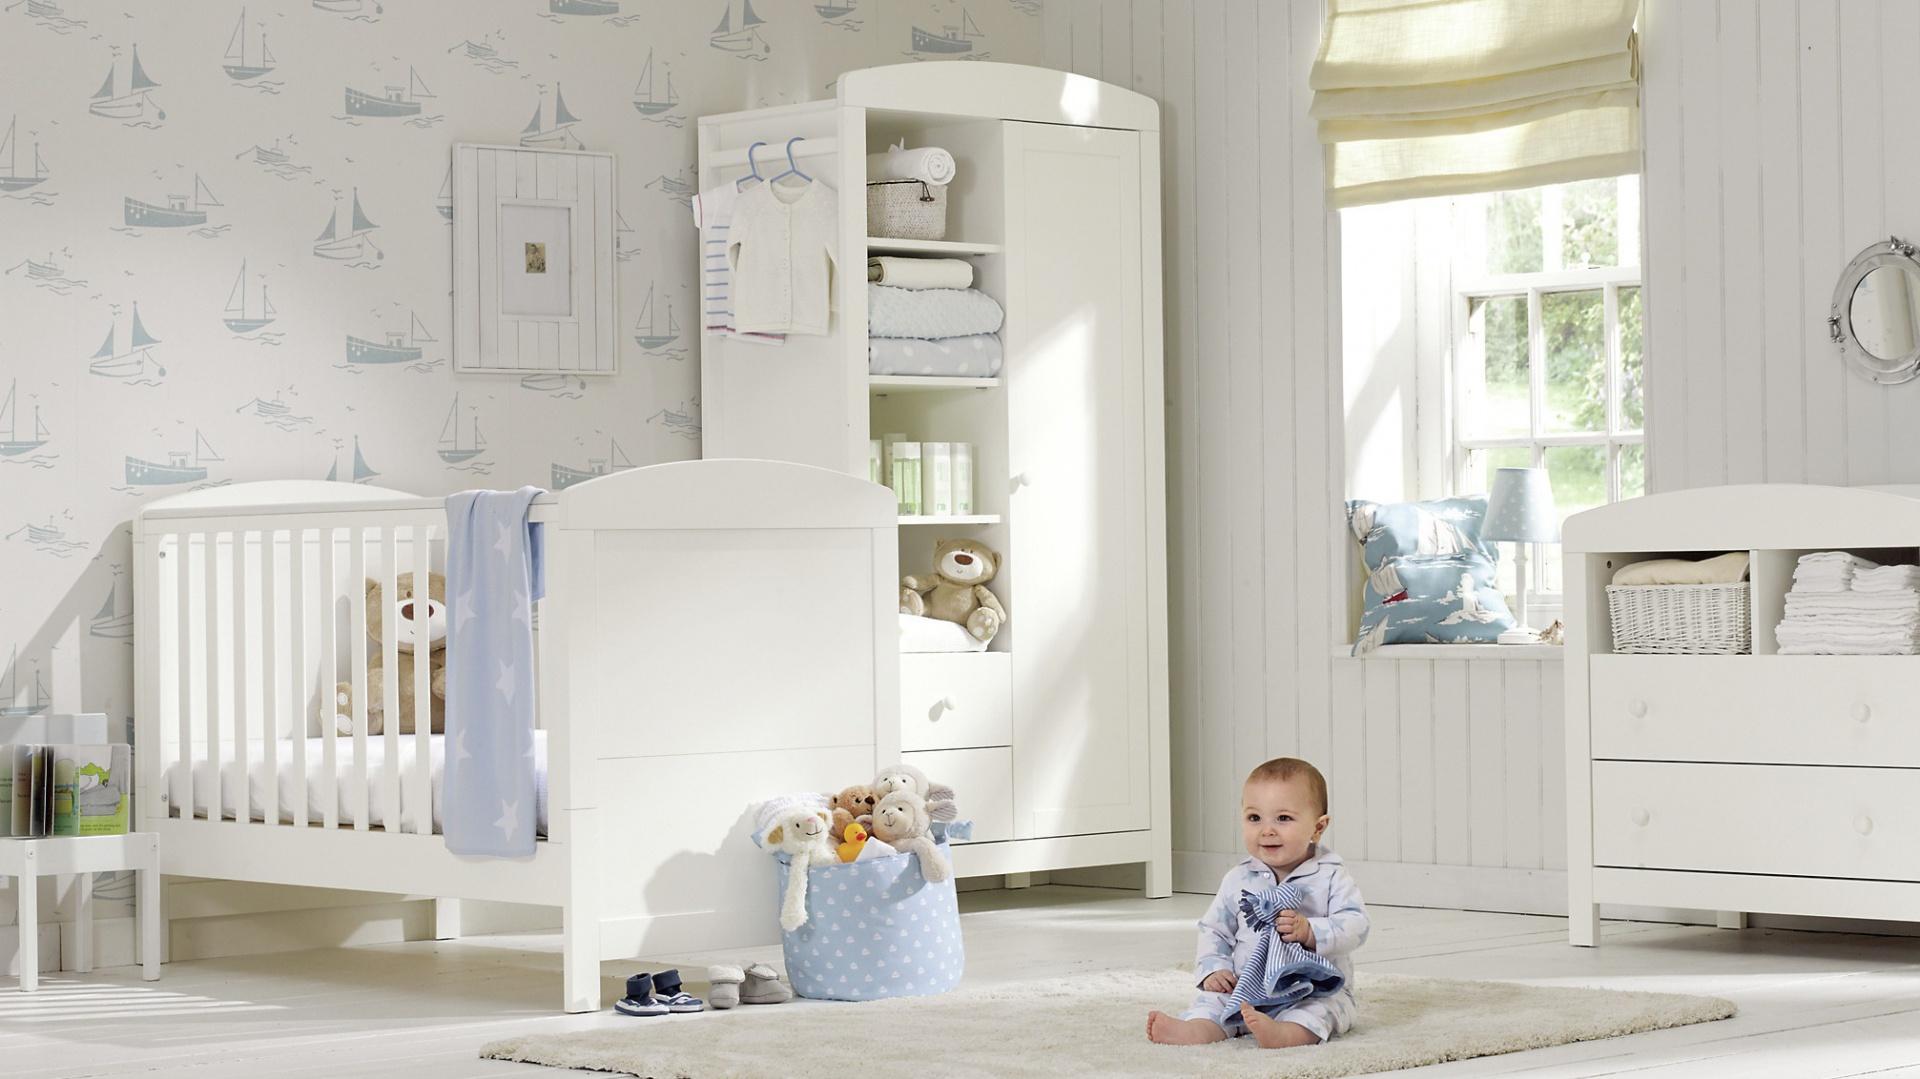 Błękitne akcenty na tapecie, a także niebieska pościel i akcesoria subtelnie ożywiają białe wnętrze. Fot. Mothercare.